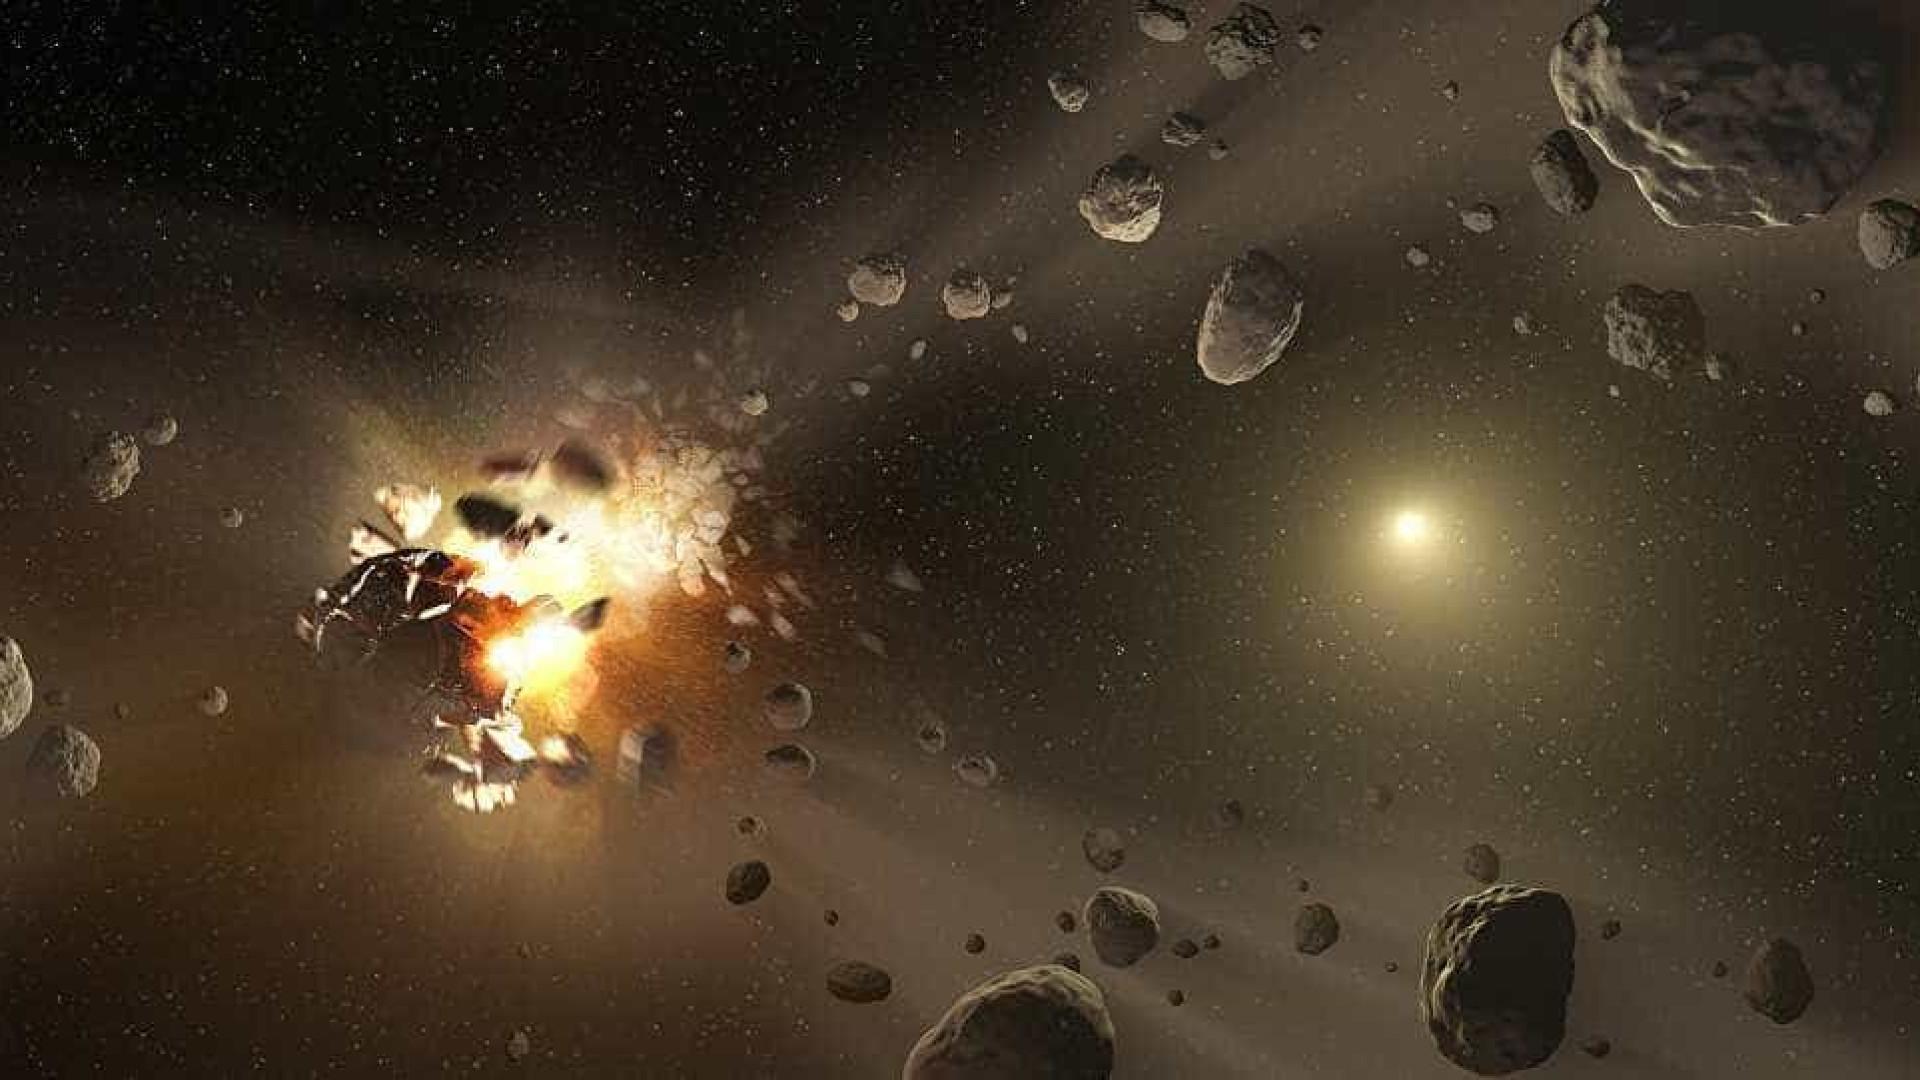 Numerólogo dos EUA profetiza 7 anos de caos e Armagedon na Terra